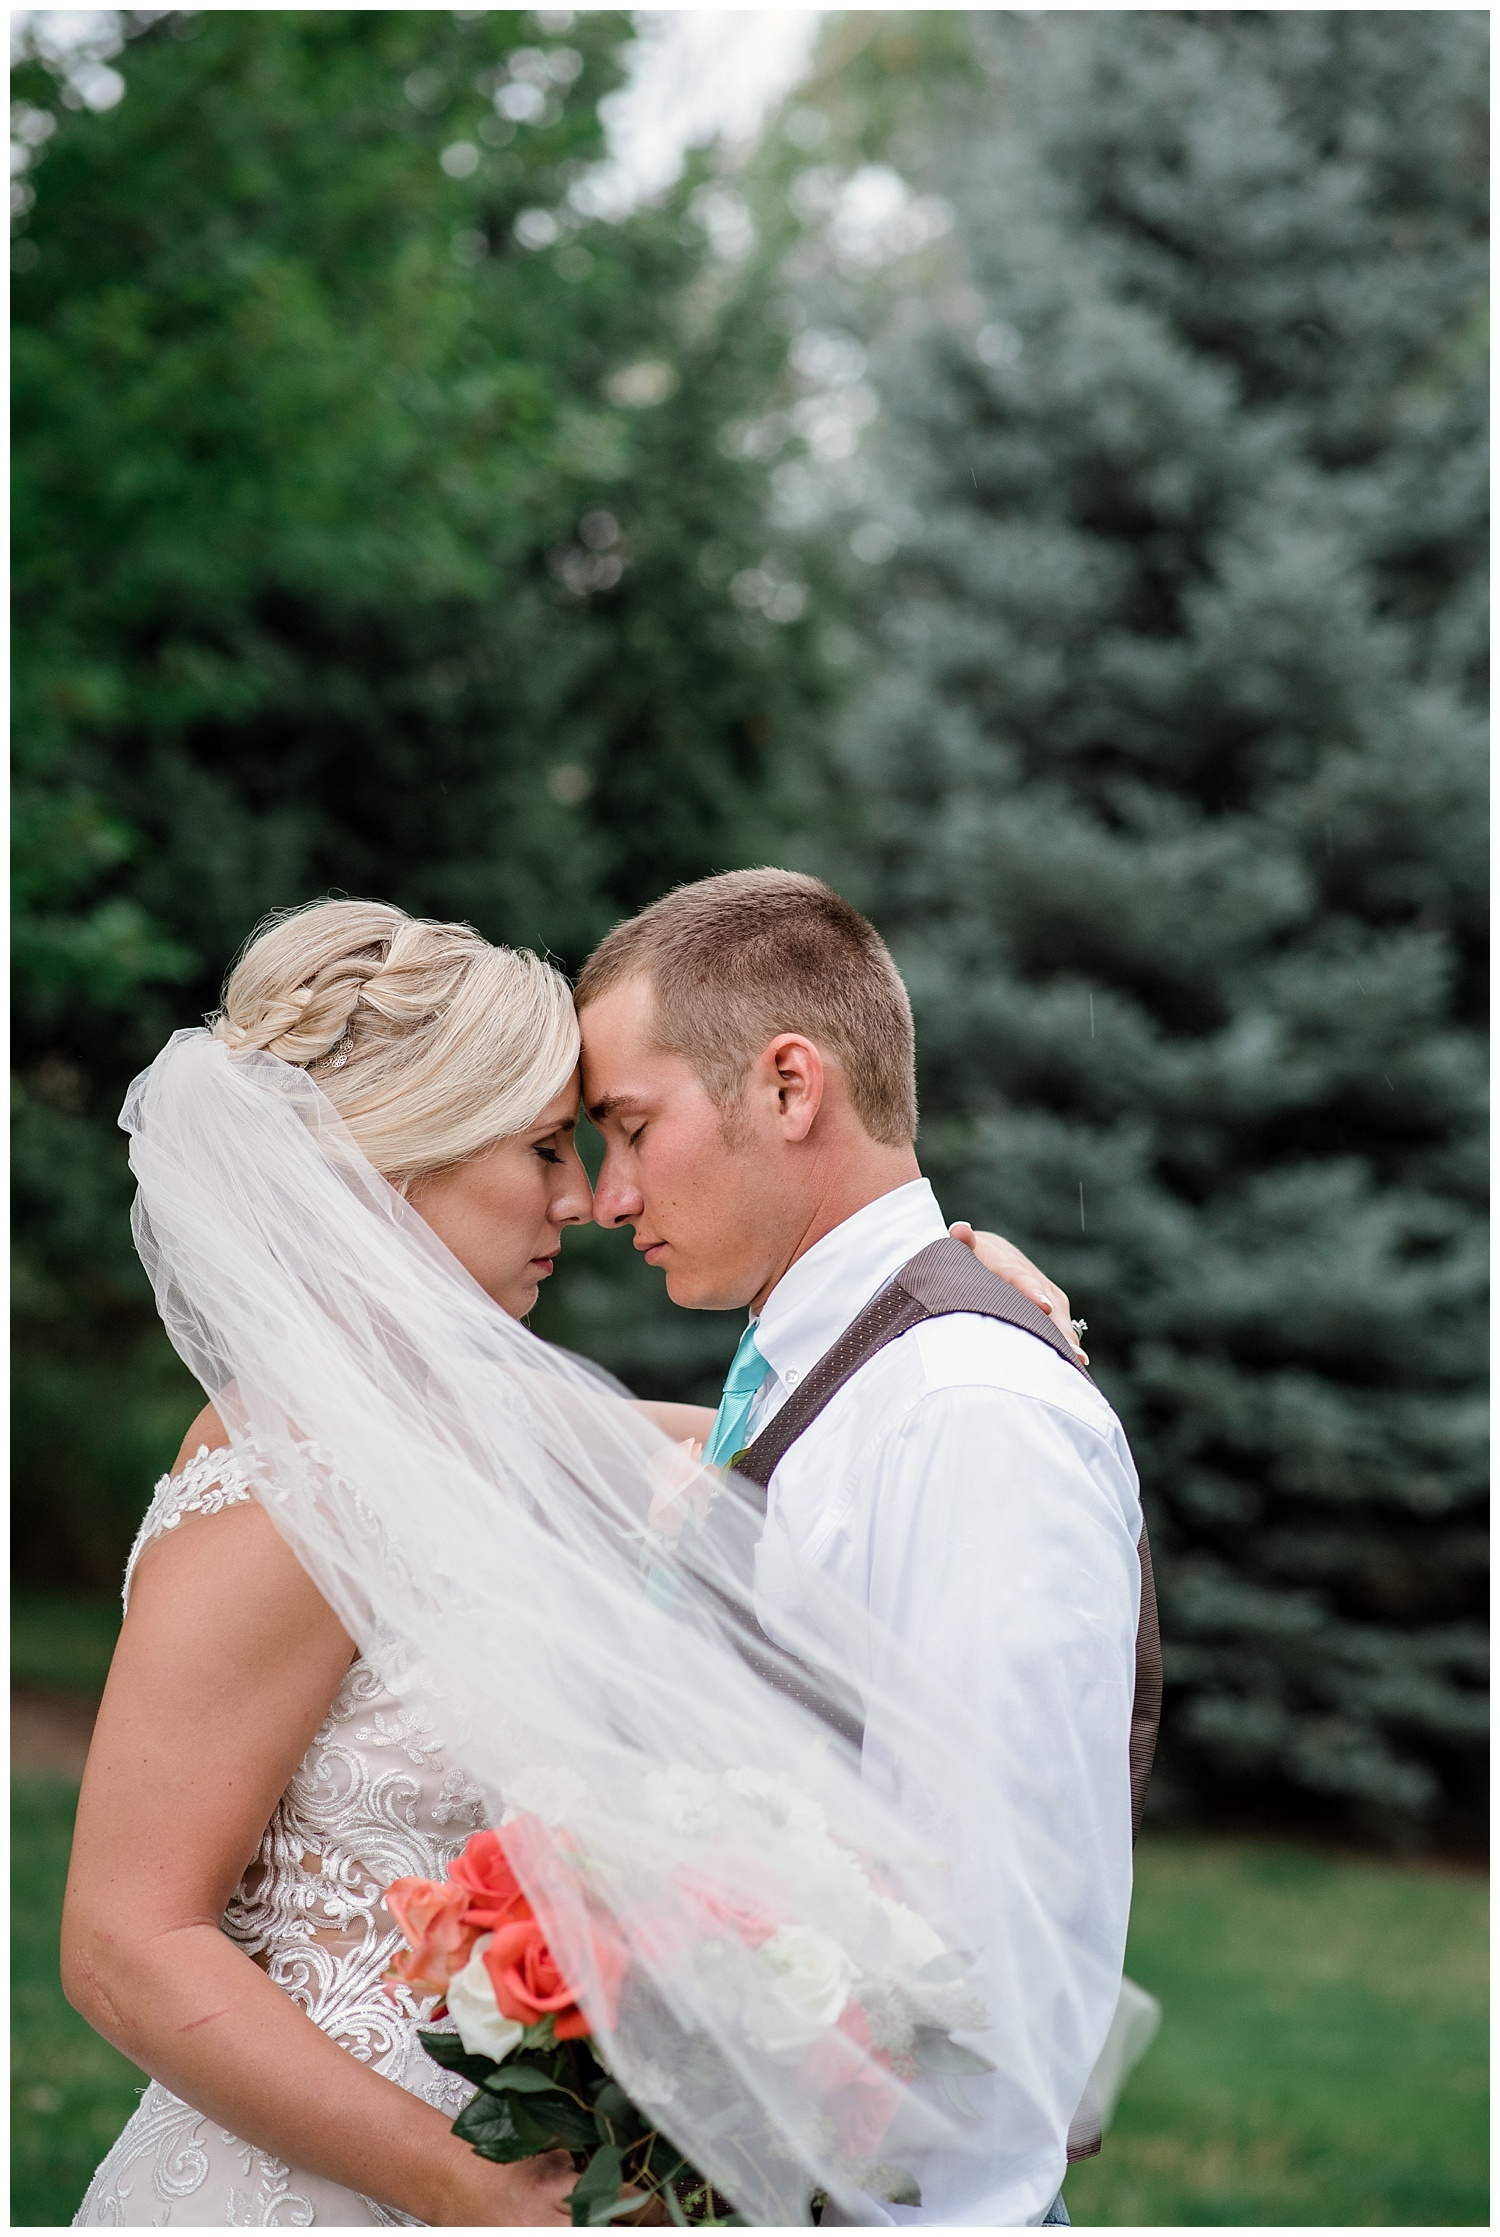 Wedding at Ellis Ranch, Ranch Wedding Colorado, Colorado Wedding Photographer, Denver Wedding Photographer, Denver Colorado Wedding Photographer, Downtown Denver Wedding Photographer, Loveland Wedding Photographer, rain wedding day